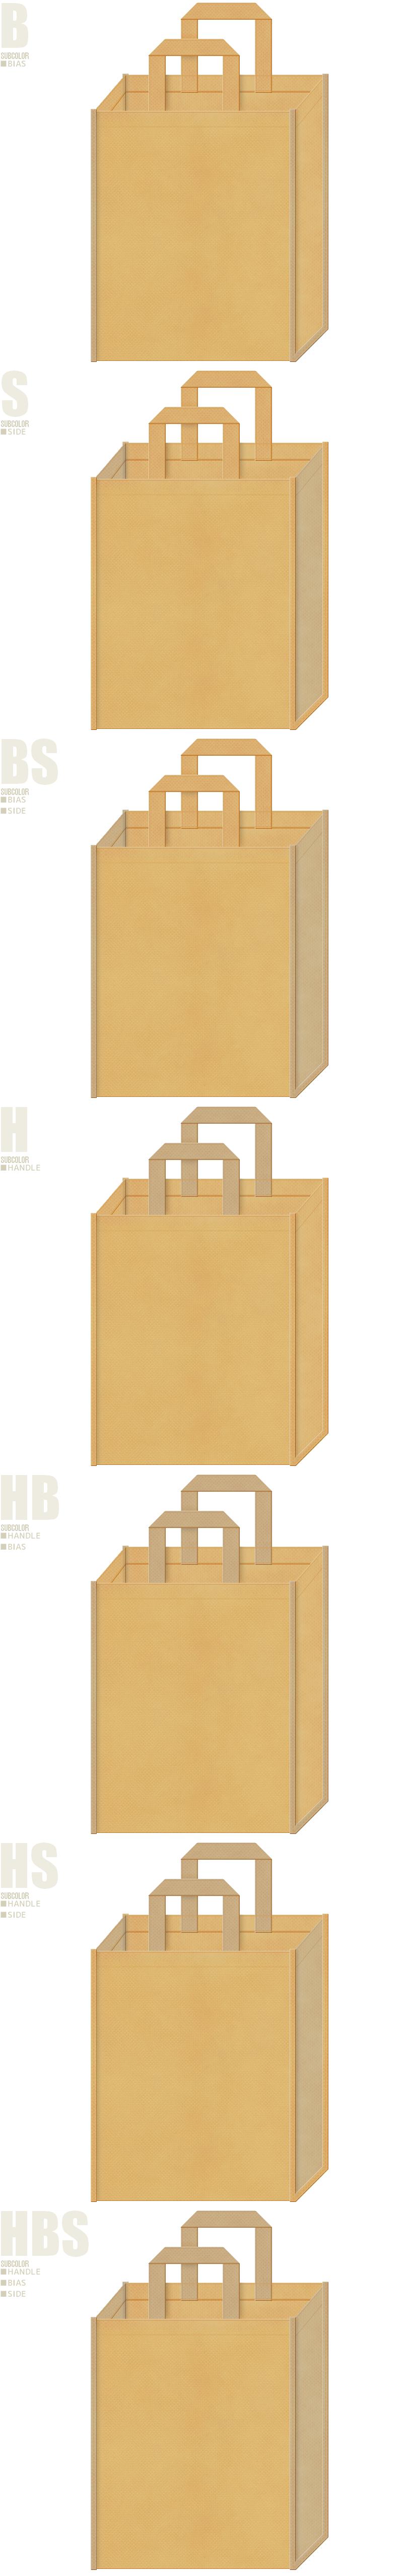 木工・日曜大工用品の展示会用バッグにお奨めの、薄黄土色とカーキ色、7パターンの不織布トートバッグ配色デザイン例。